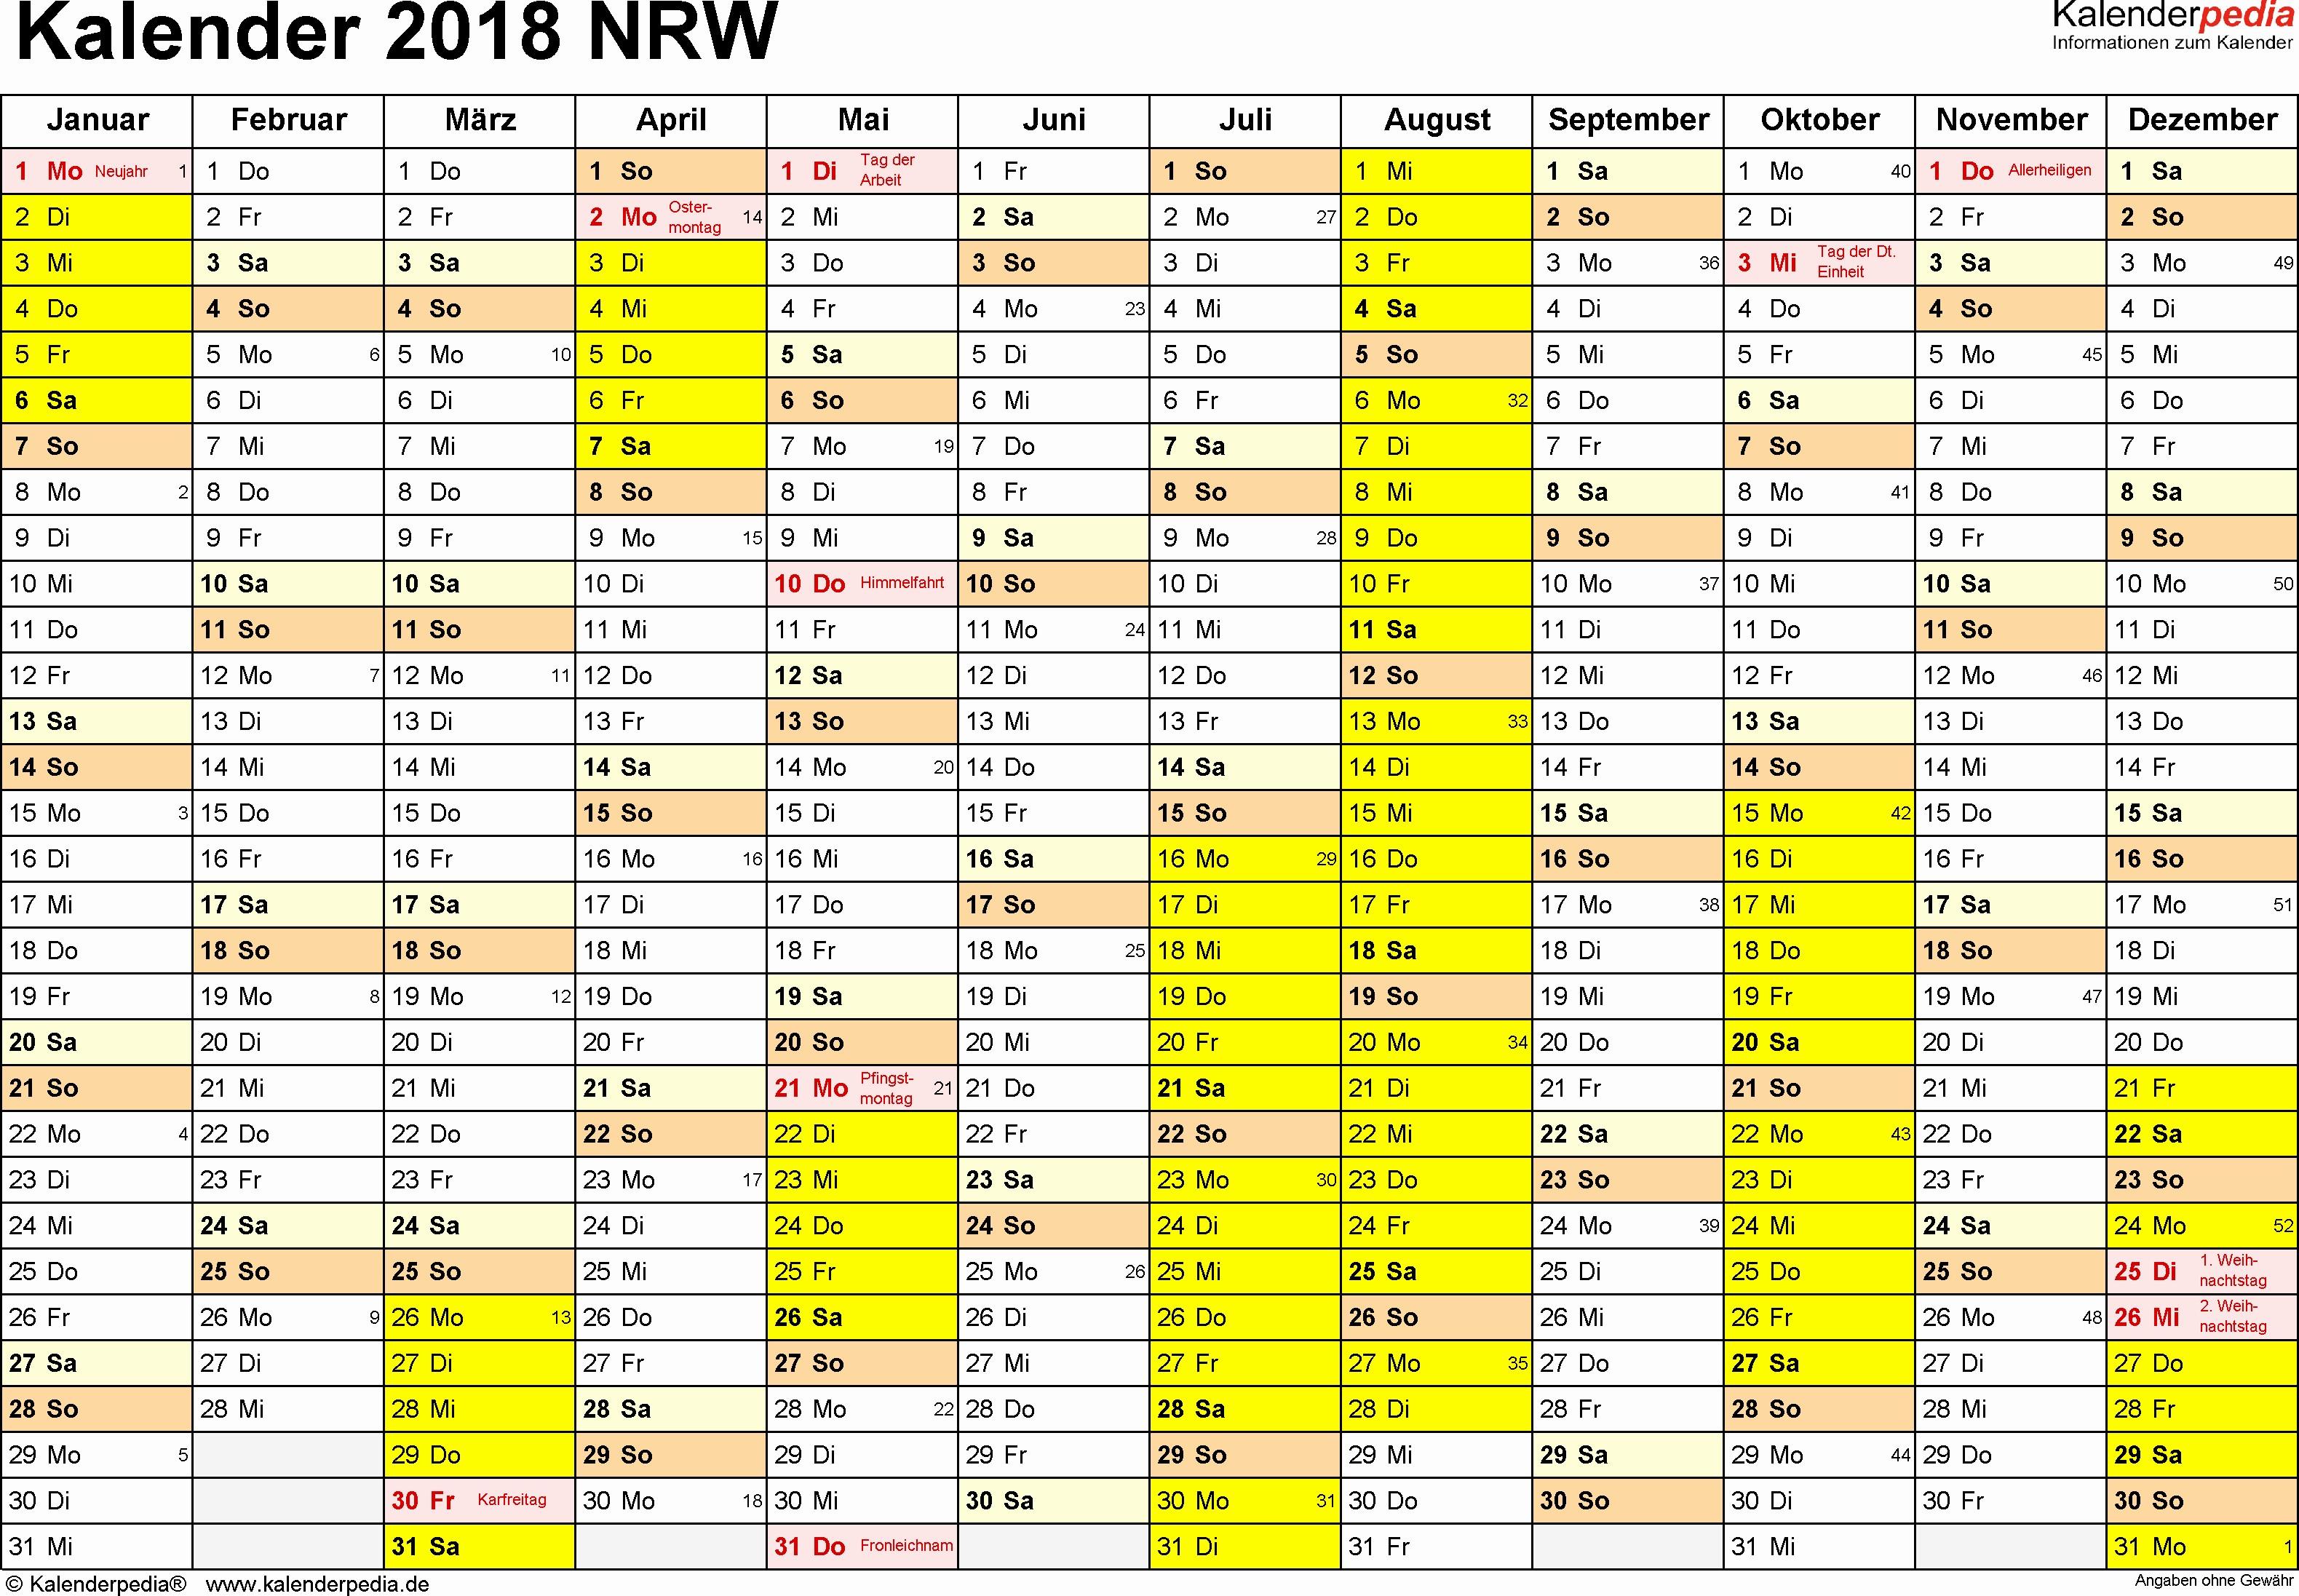 Kalender 2019 Excel Kw Más Recientes Kalender 2016 Mit Feiertagen Pdf Luxe Kalender 2019 Mit Ferien Und Of Kalender 2019 Excel Kw Actual Kalenderwochen 2017 Excel Genial Kalender 2017 Excel Malvorlagen